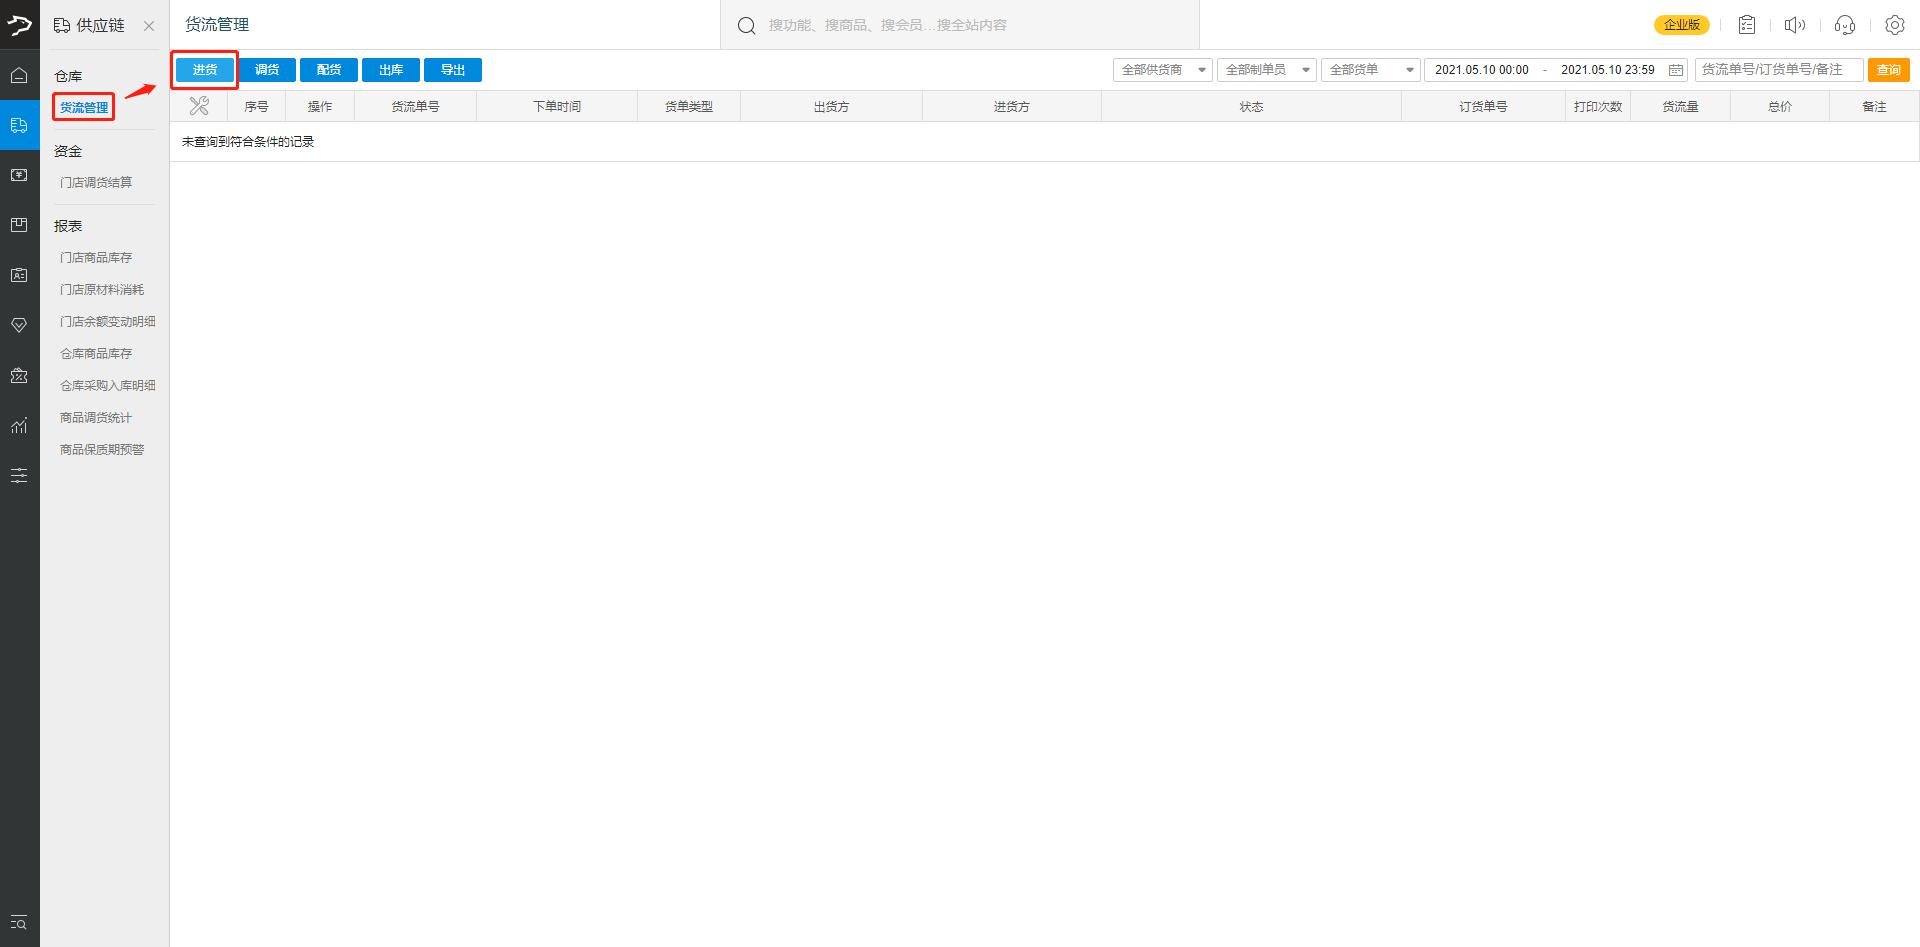 银豹新版供应链-银豹博客